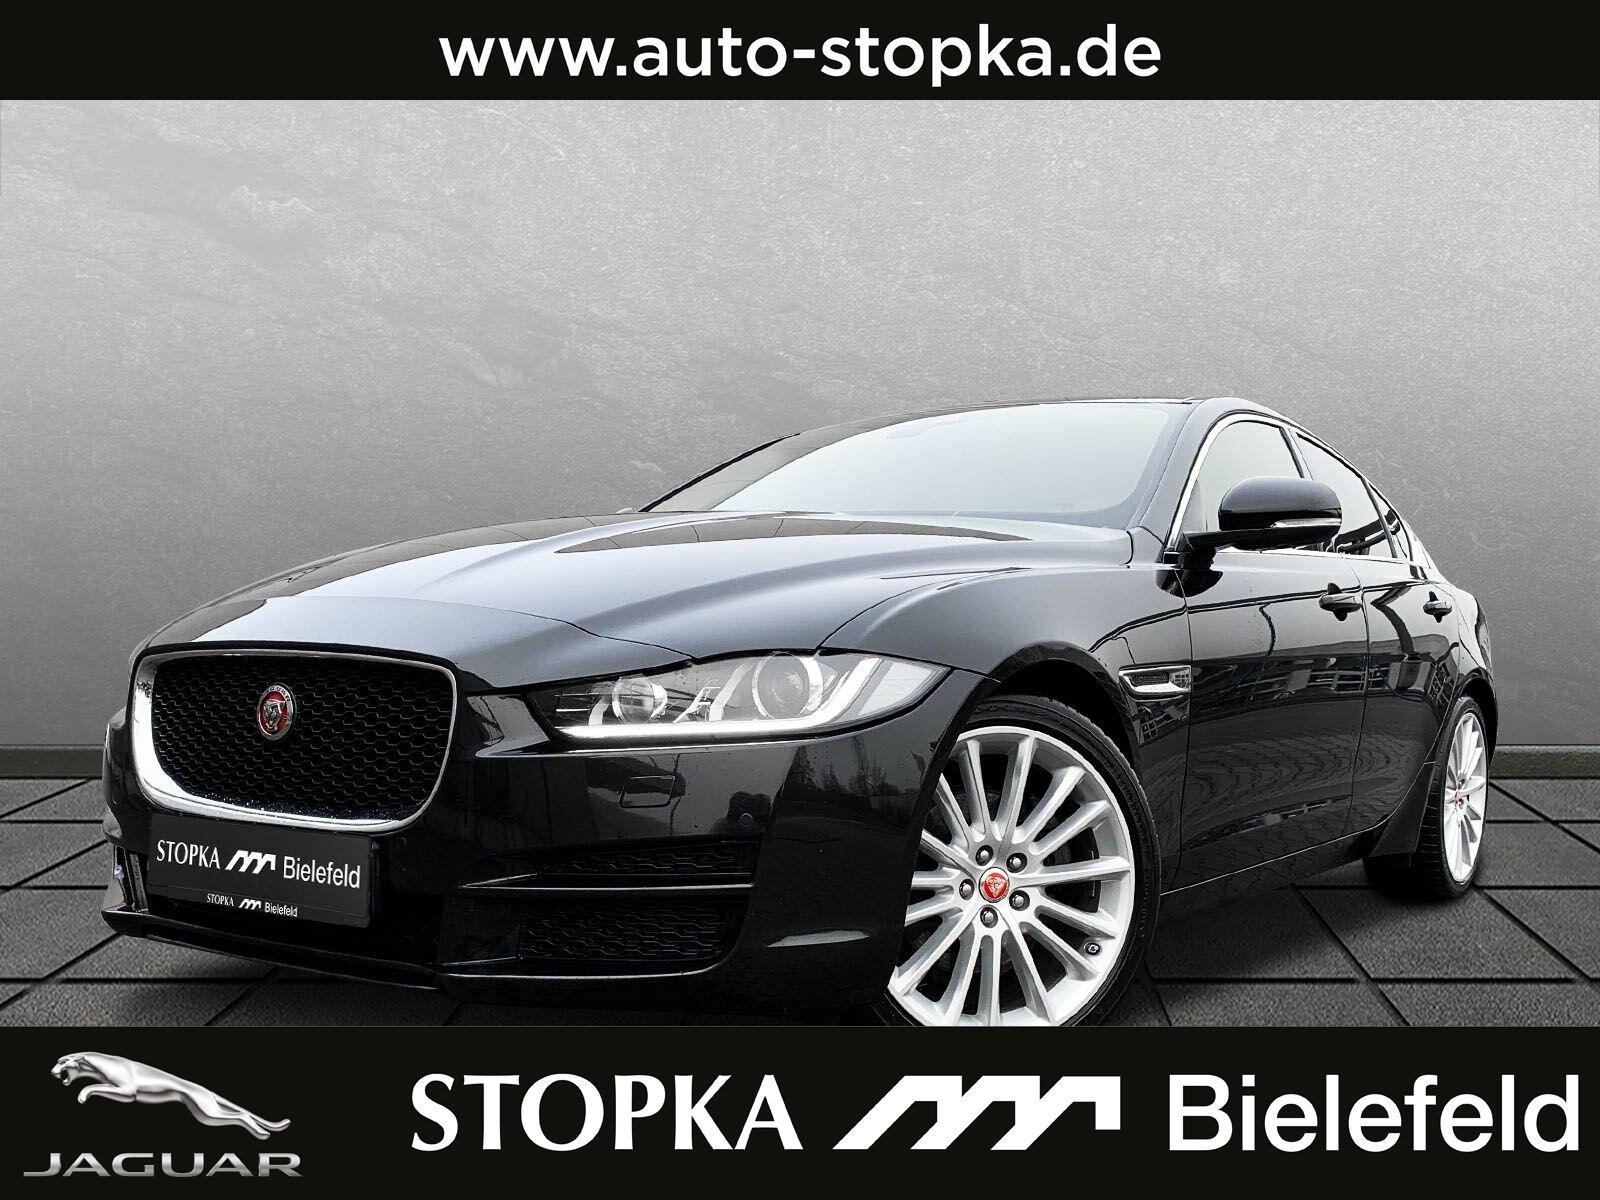 Jaguar XE 20D Prestige *Pano*Meridian*SHZ*DVD*EURO6* BC, Jahr 2016, Diesel